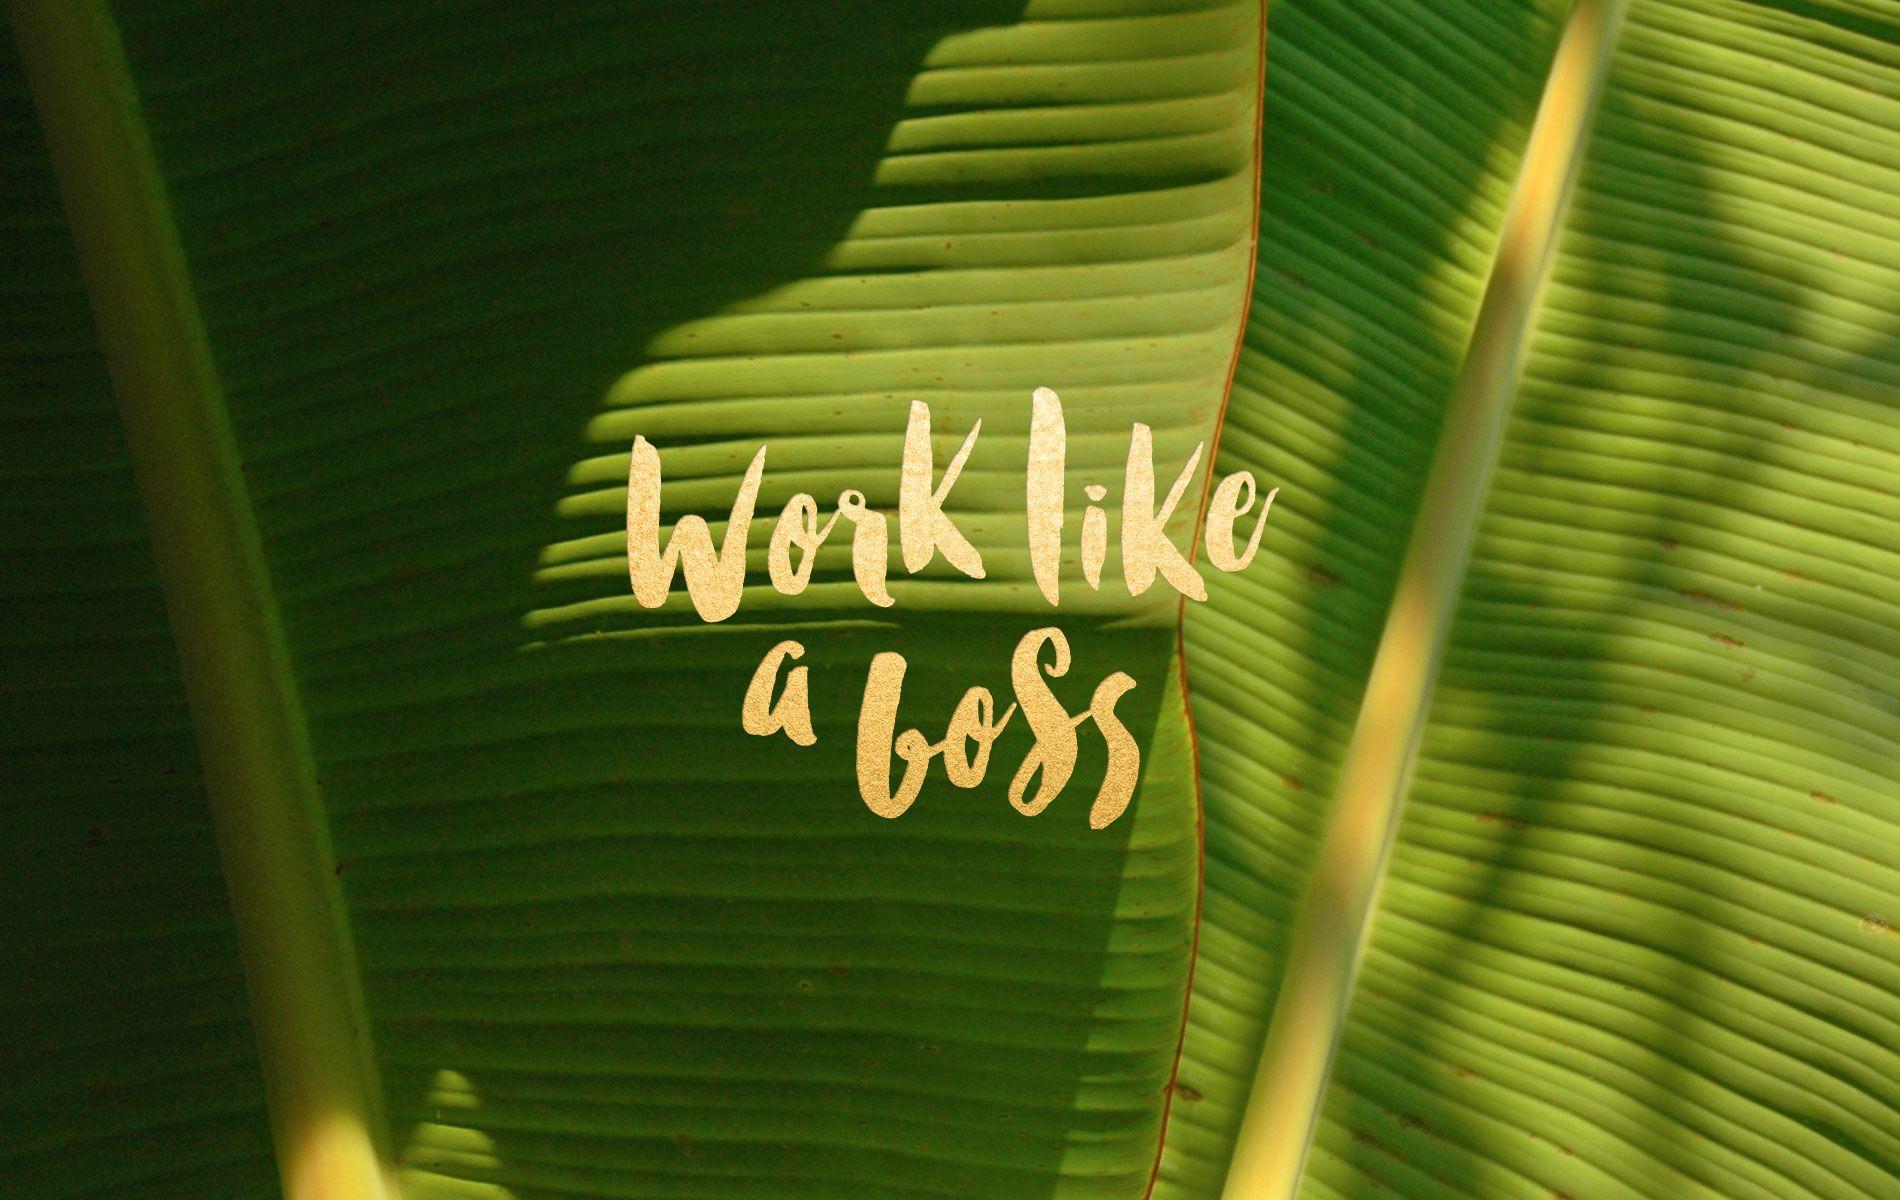 Work Like a Boss Desktop Wallpaper by Leysa Flores 1900x1200